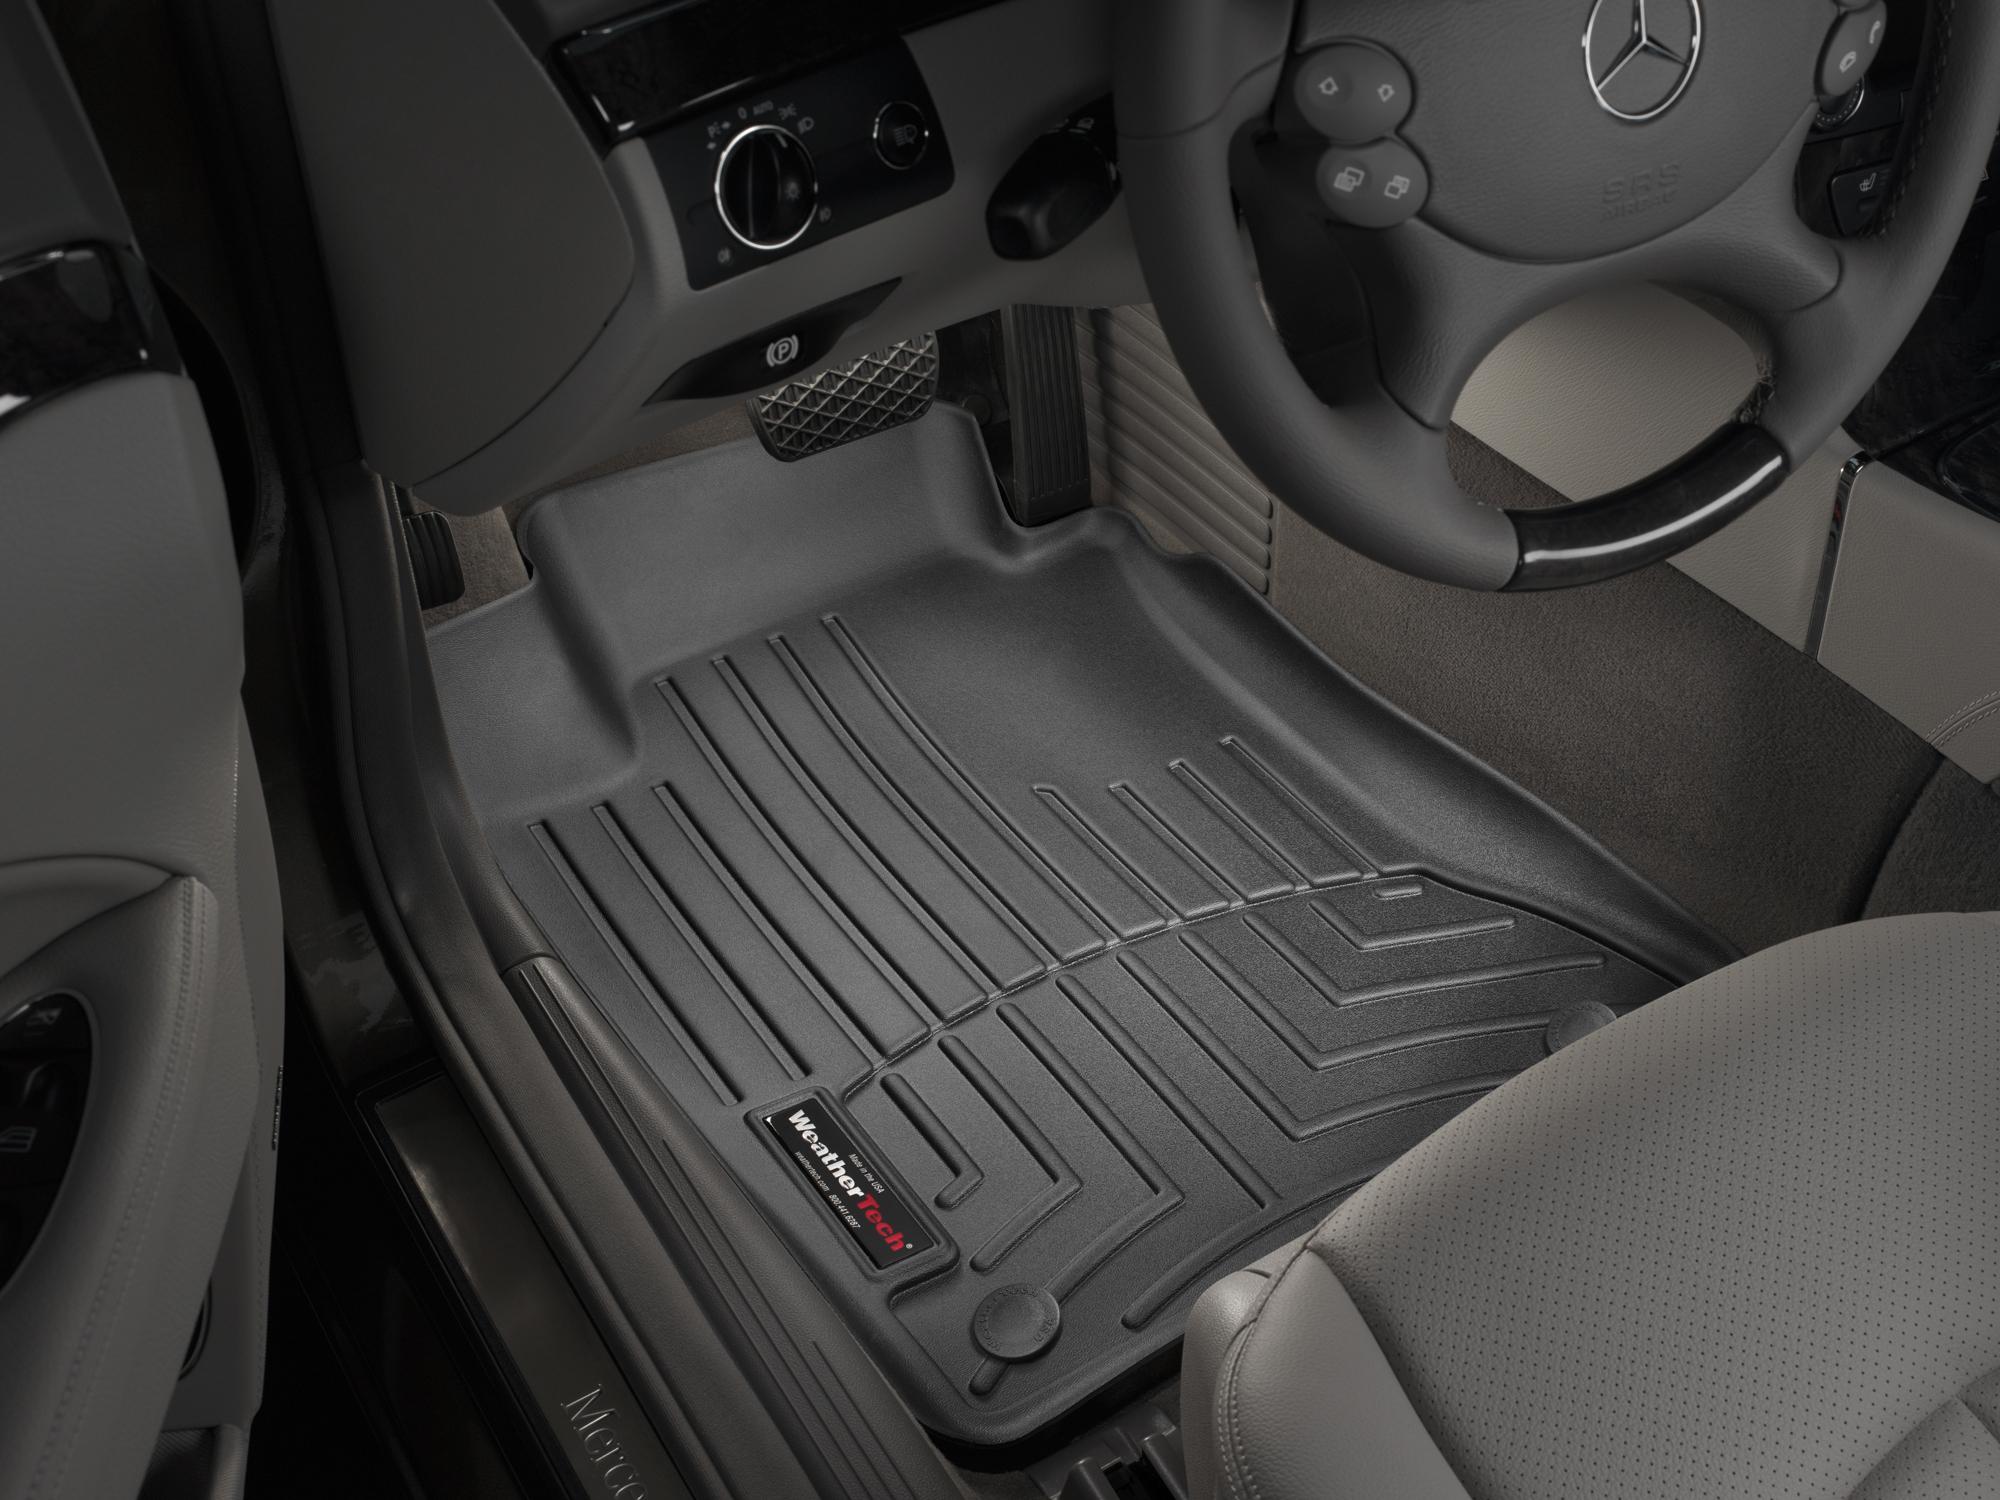 Tappeti gomma su misura bordo alto Mercedes E-Class 02>09 Nero A2355*